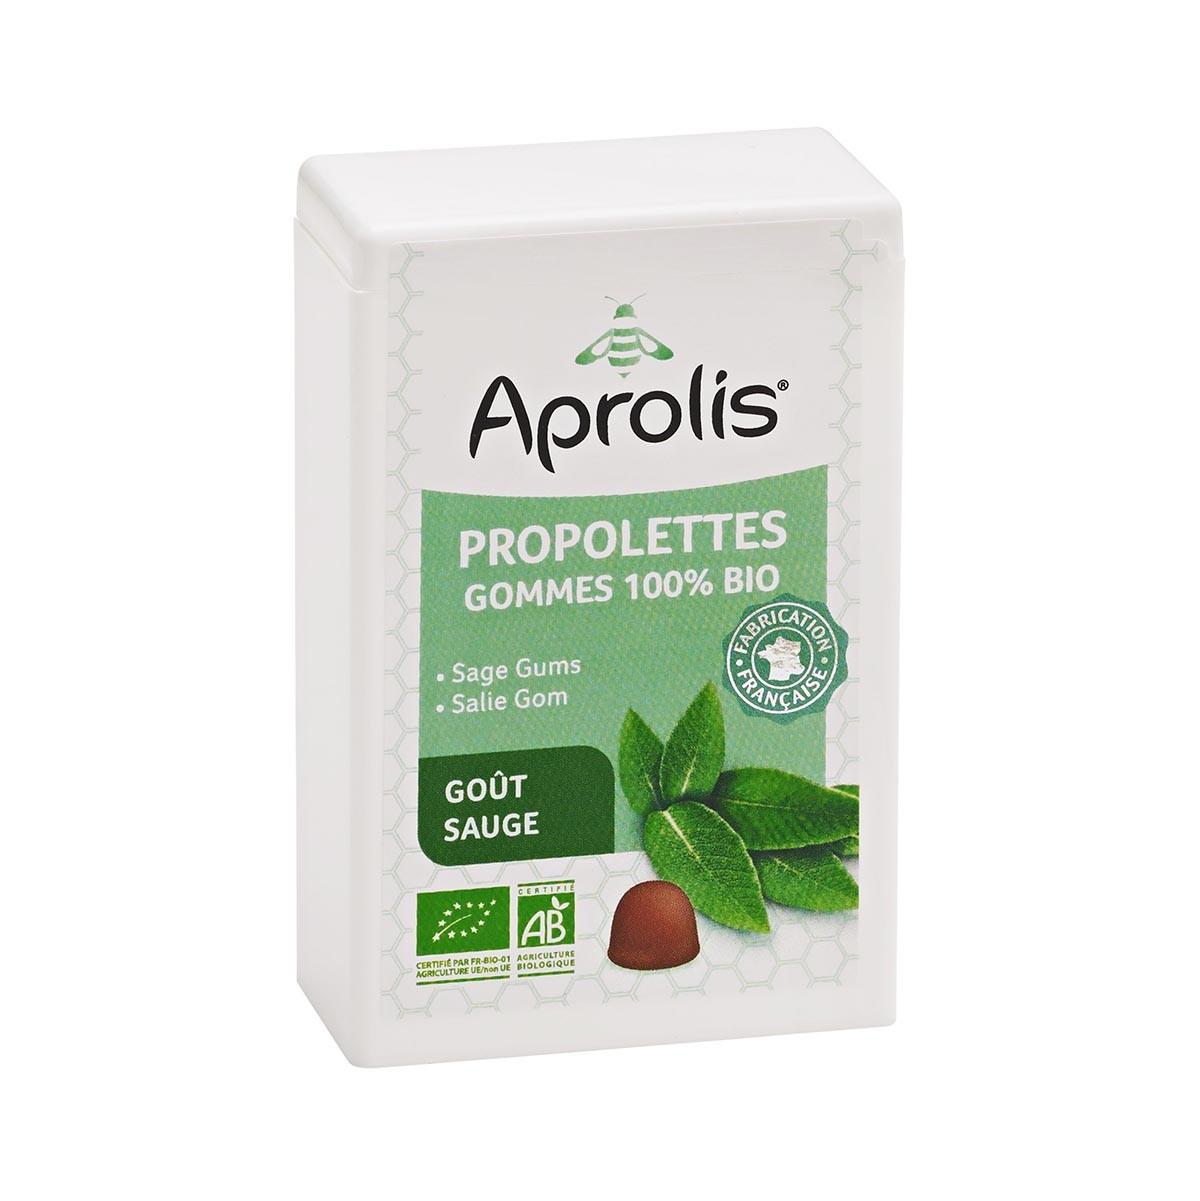 Aprolis - Propolettes Sauge 50g Bio